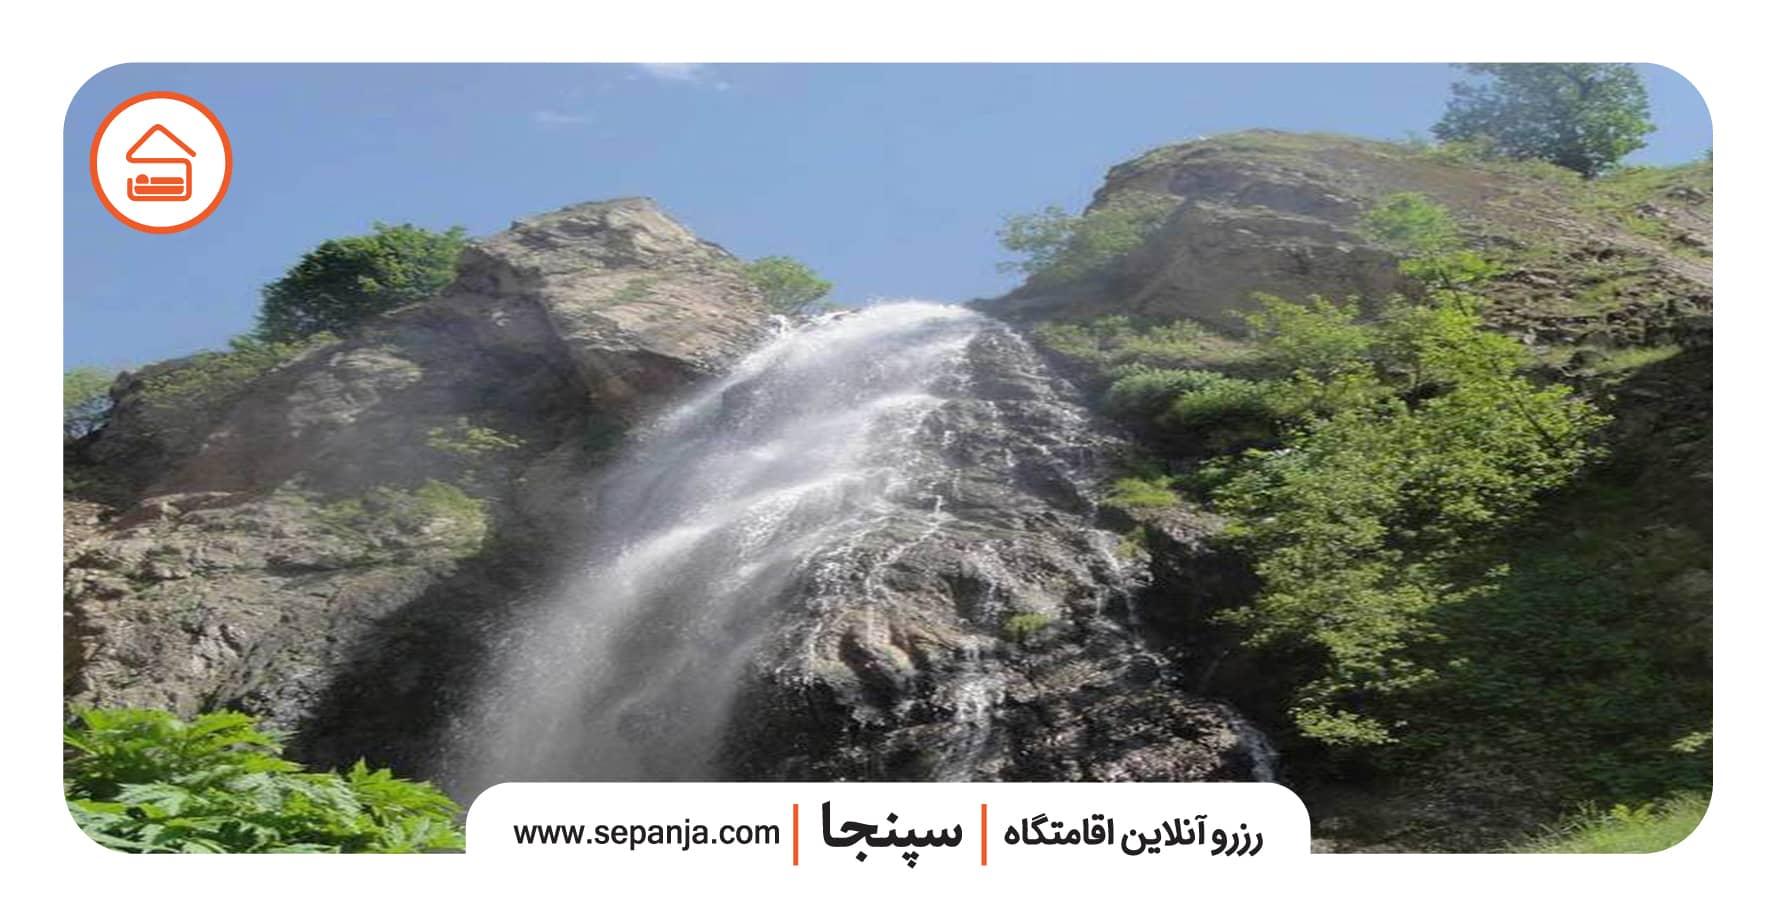 نمایی از دیدنی های اطراف آبشار اکاپل